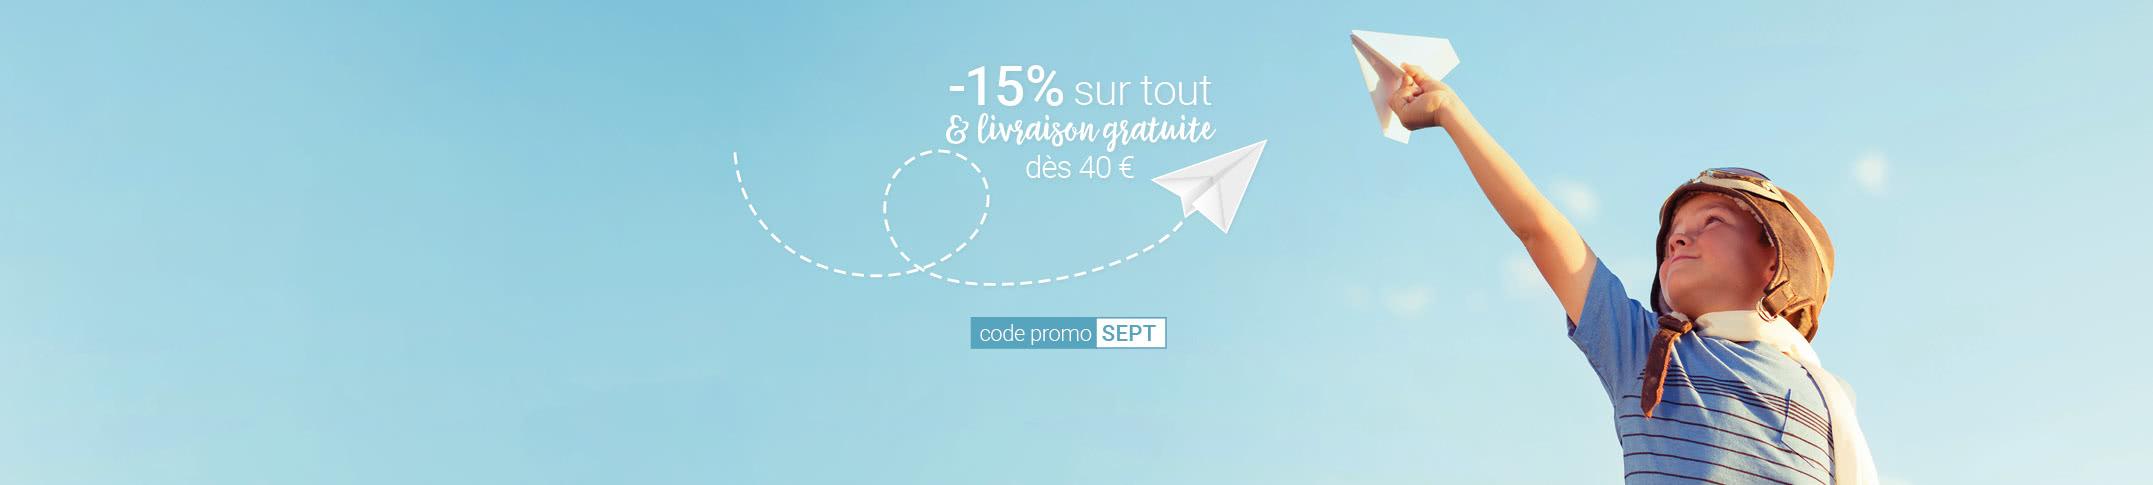 Offre du mois de septembre - smartphoto france code promo